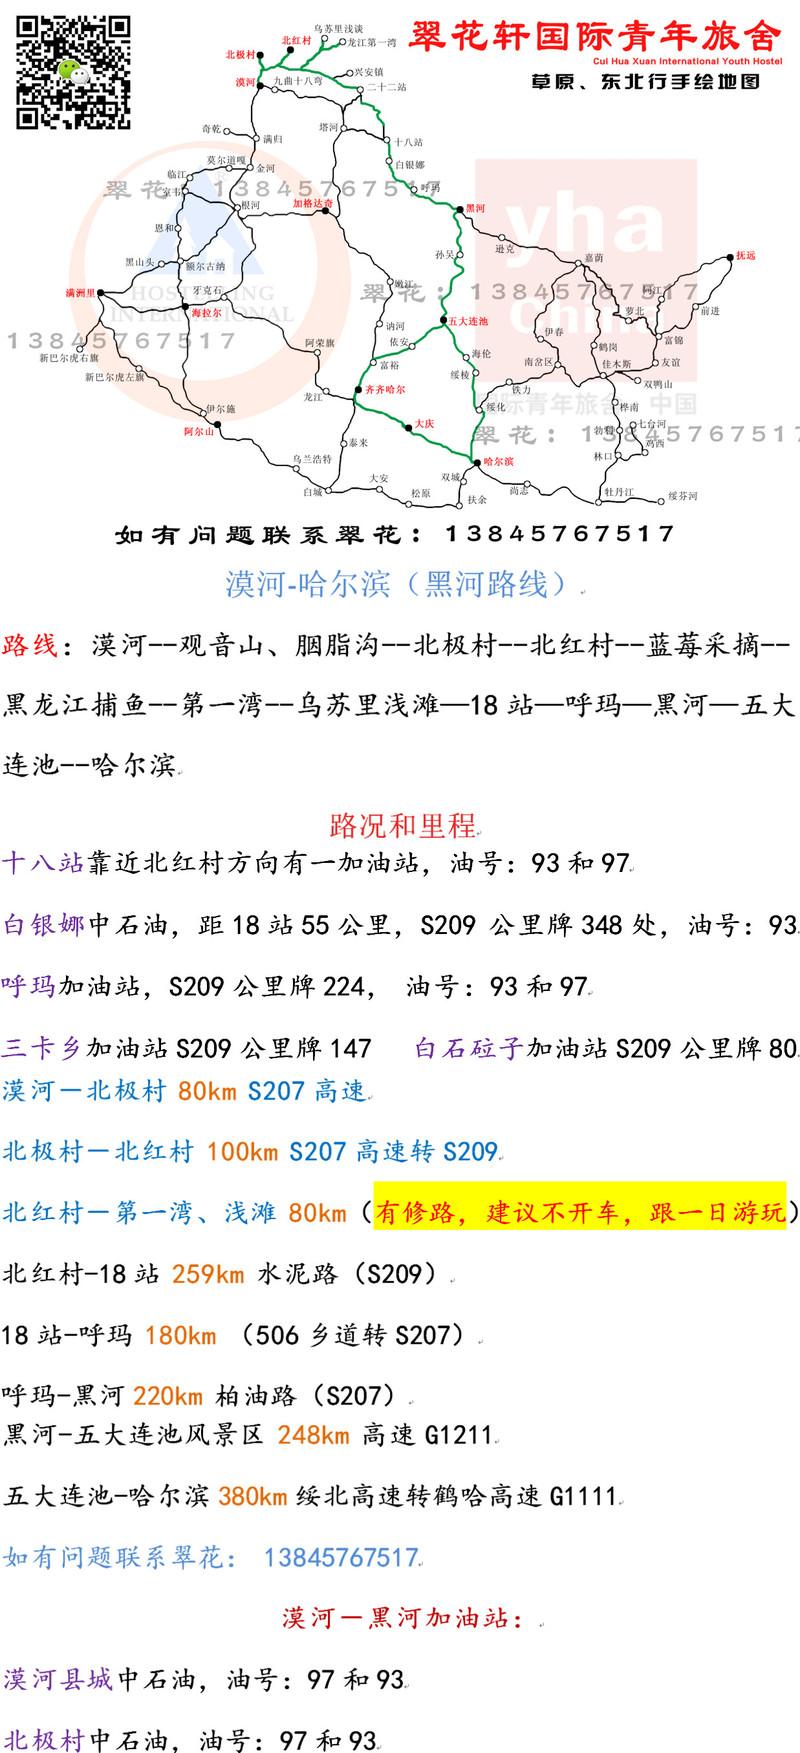 湖南s207省道线路